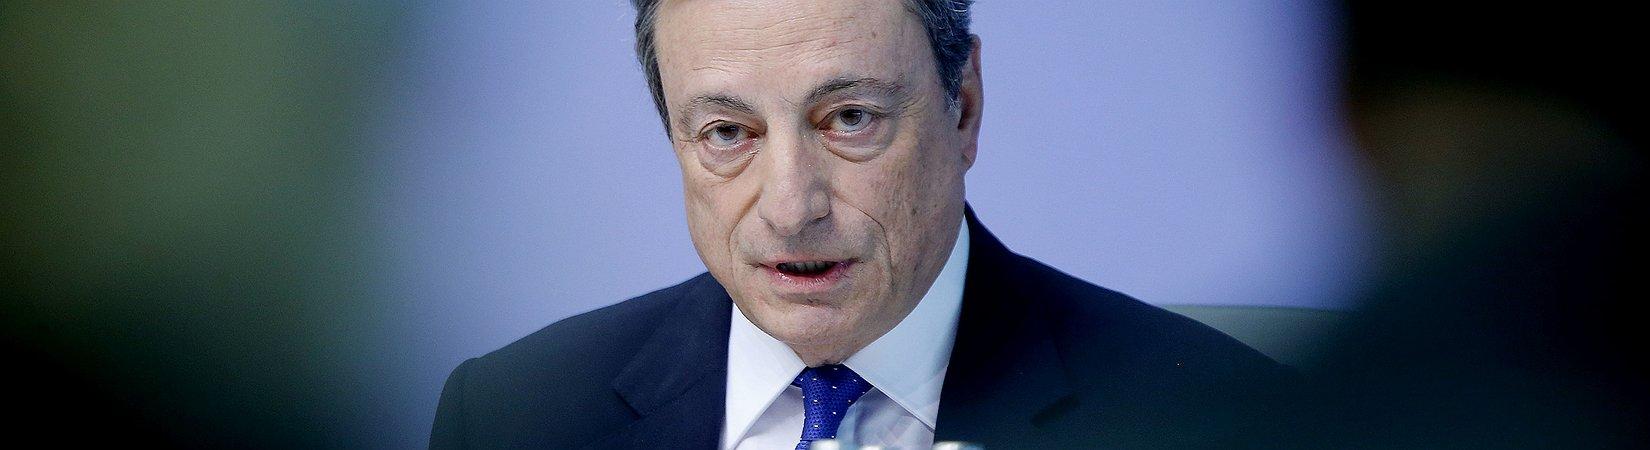 Mario Draghi: a regulação da Bitcoin não é tarefa do BCE